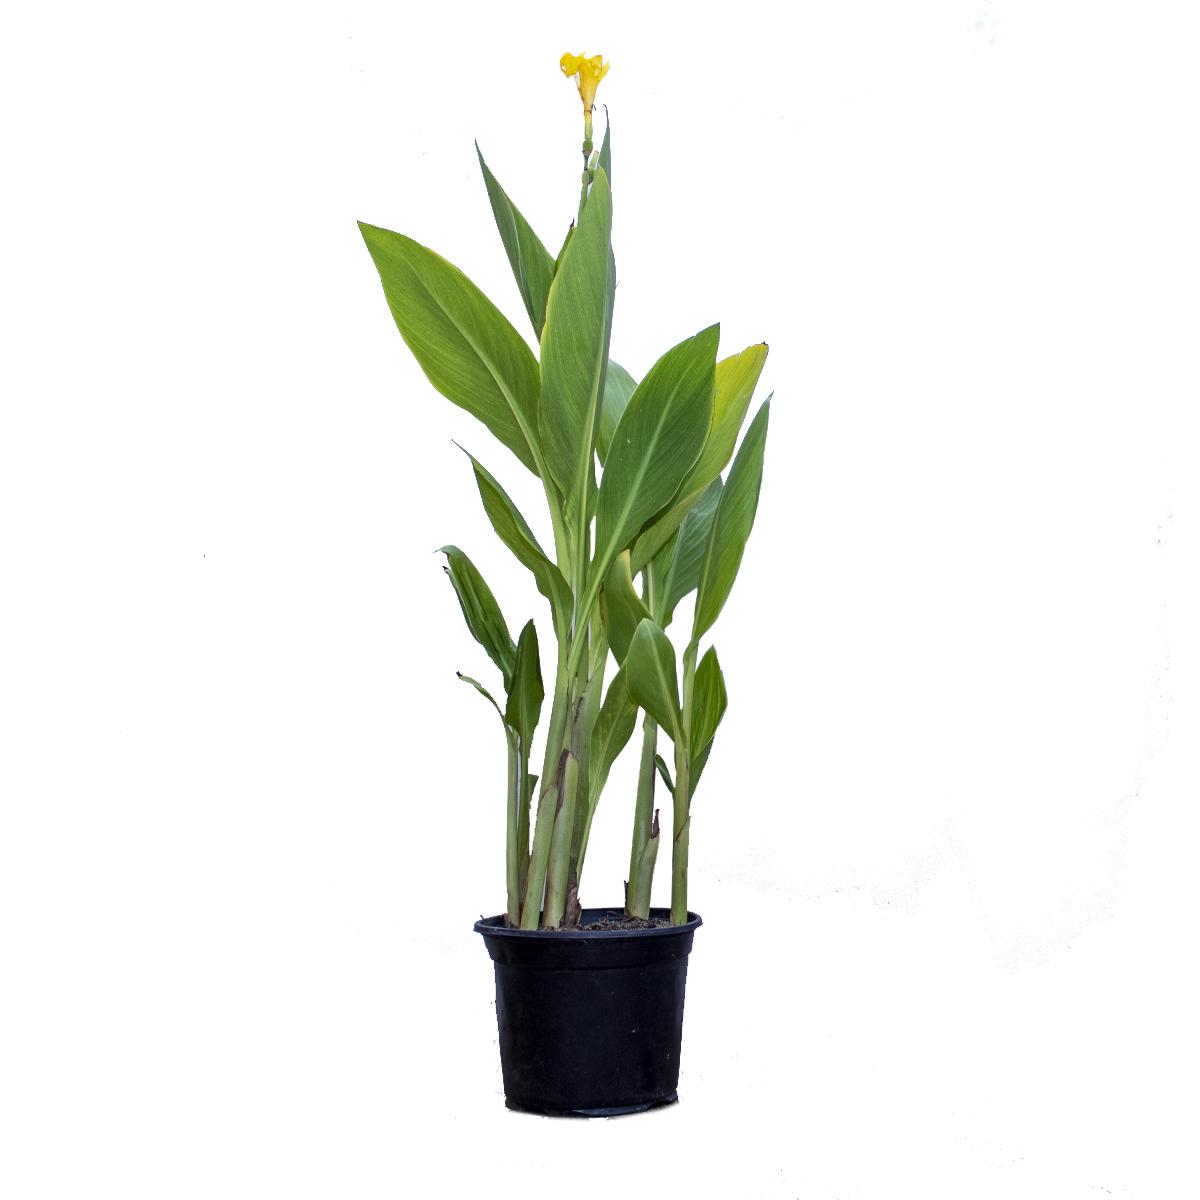 كانا إنديكا صغيرة - أصفر  نباتات داخلية